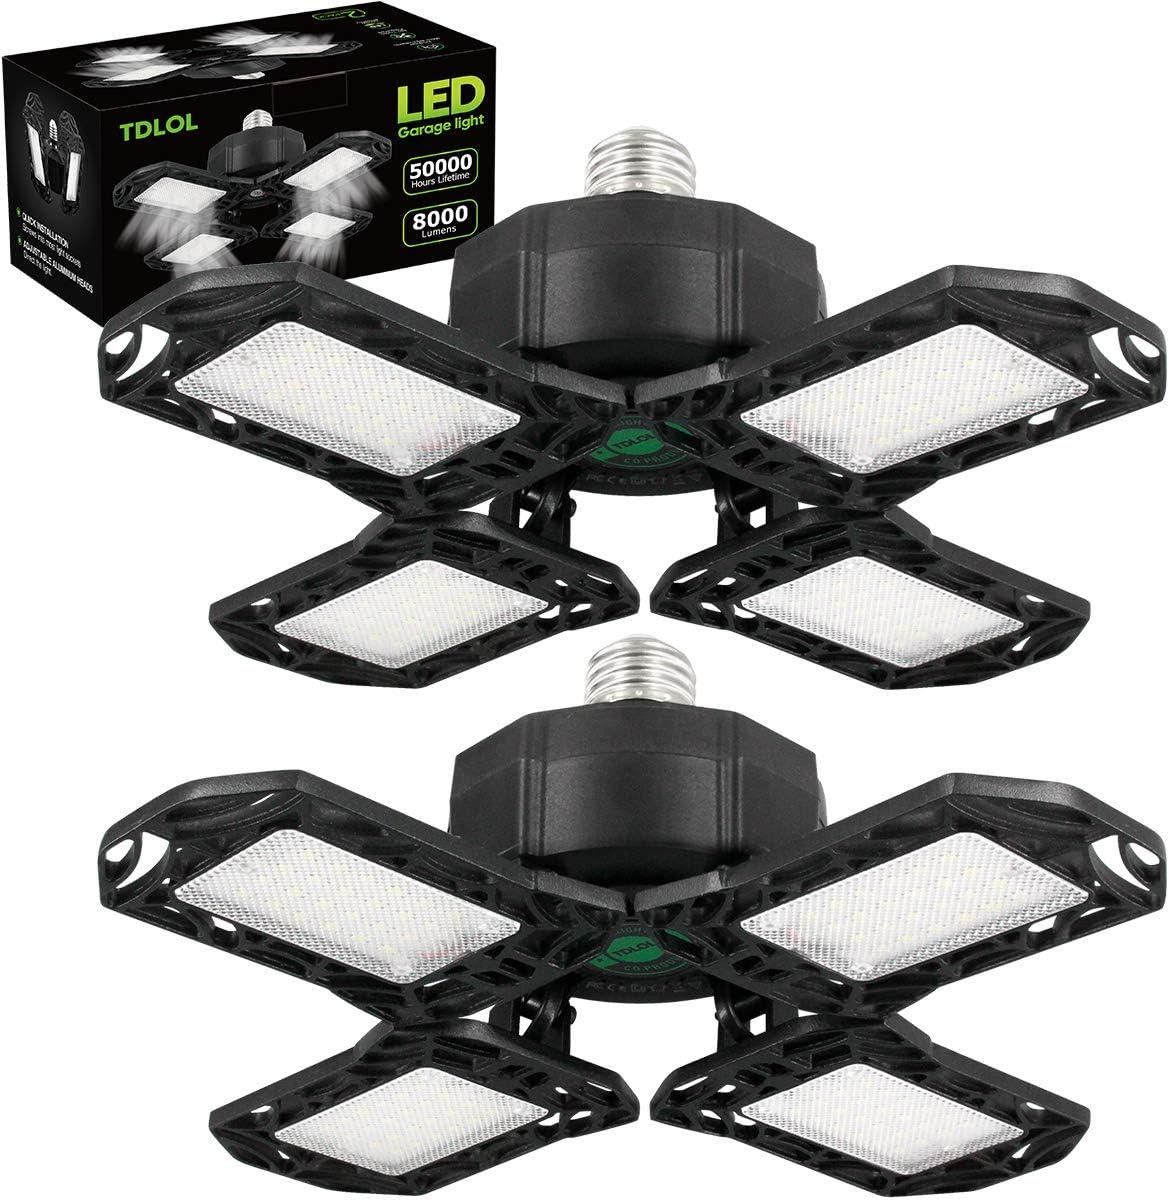 TDLOL 81W 8000LM 2-Pack LED Garage Lights  $13.99 Coupon